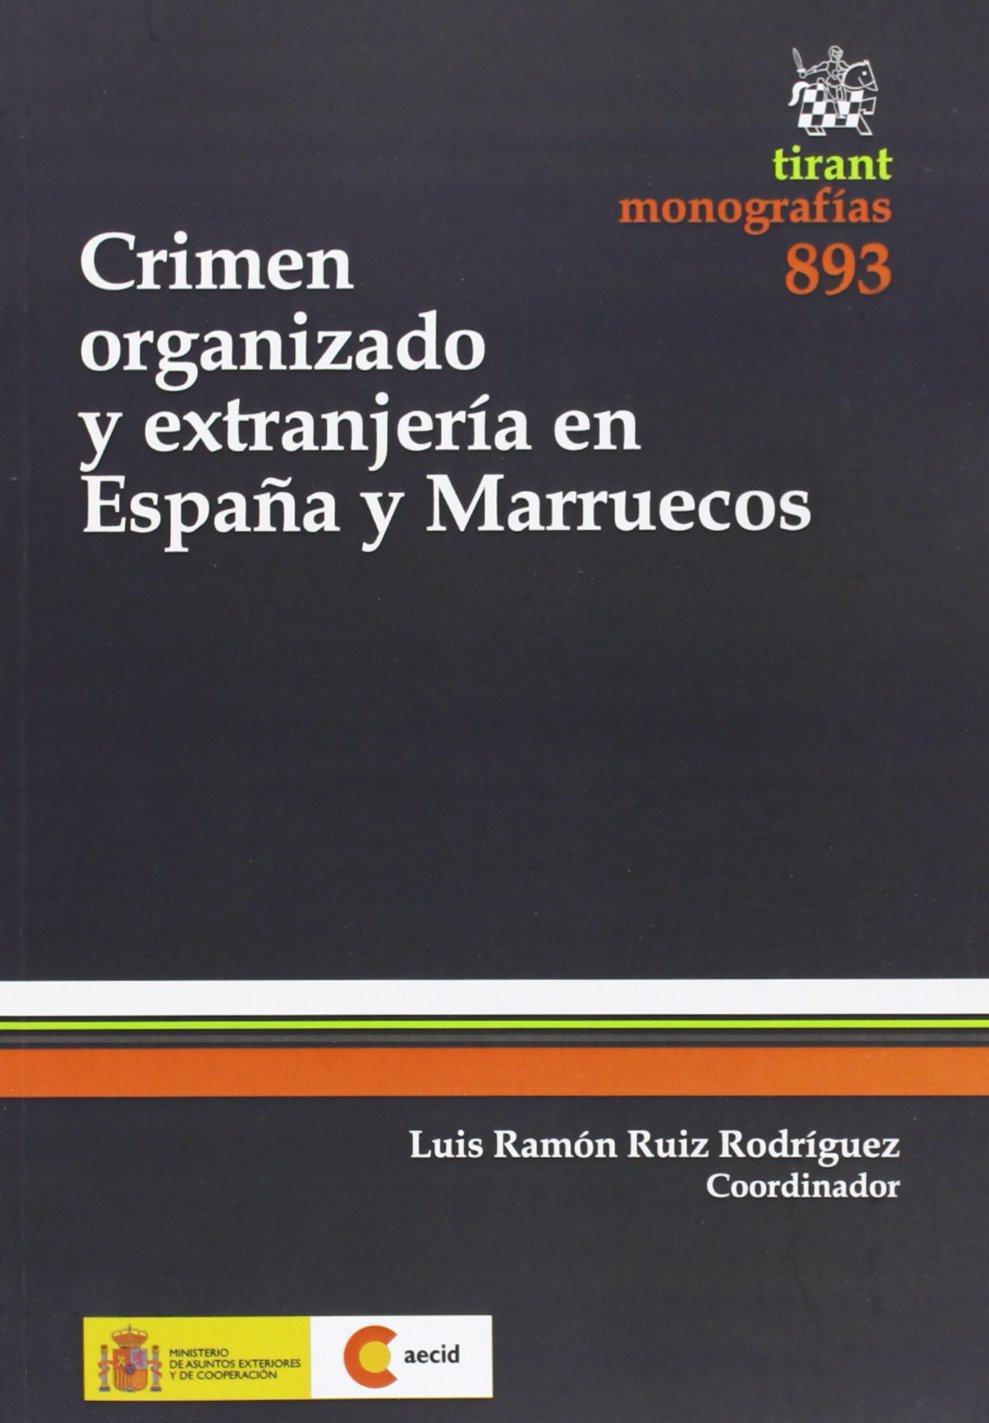 Crimen organizado y extranjería en España y Marruecos Monografías: Amazon.es: Luis Ramón Ruiz Rodríguez: Libros